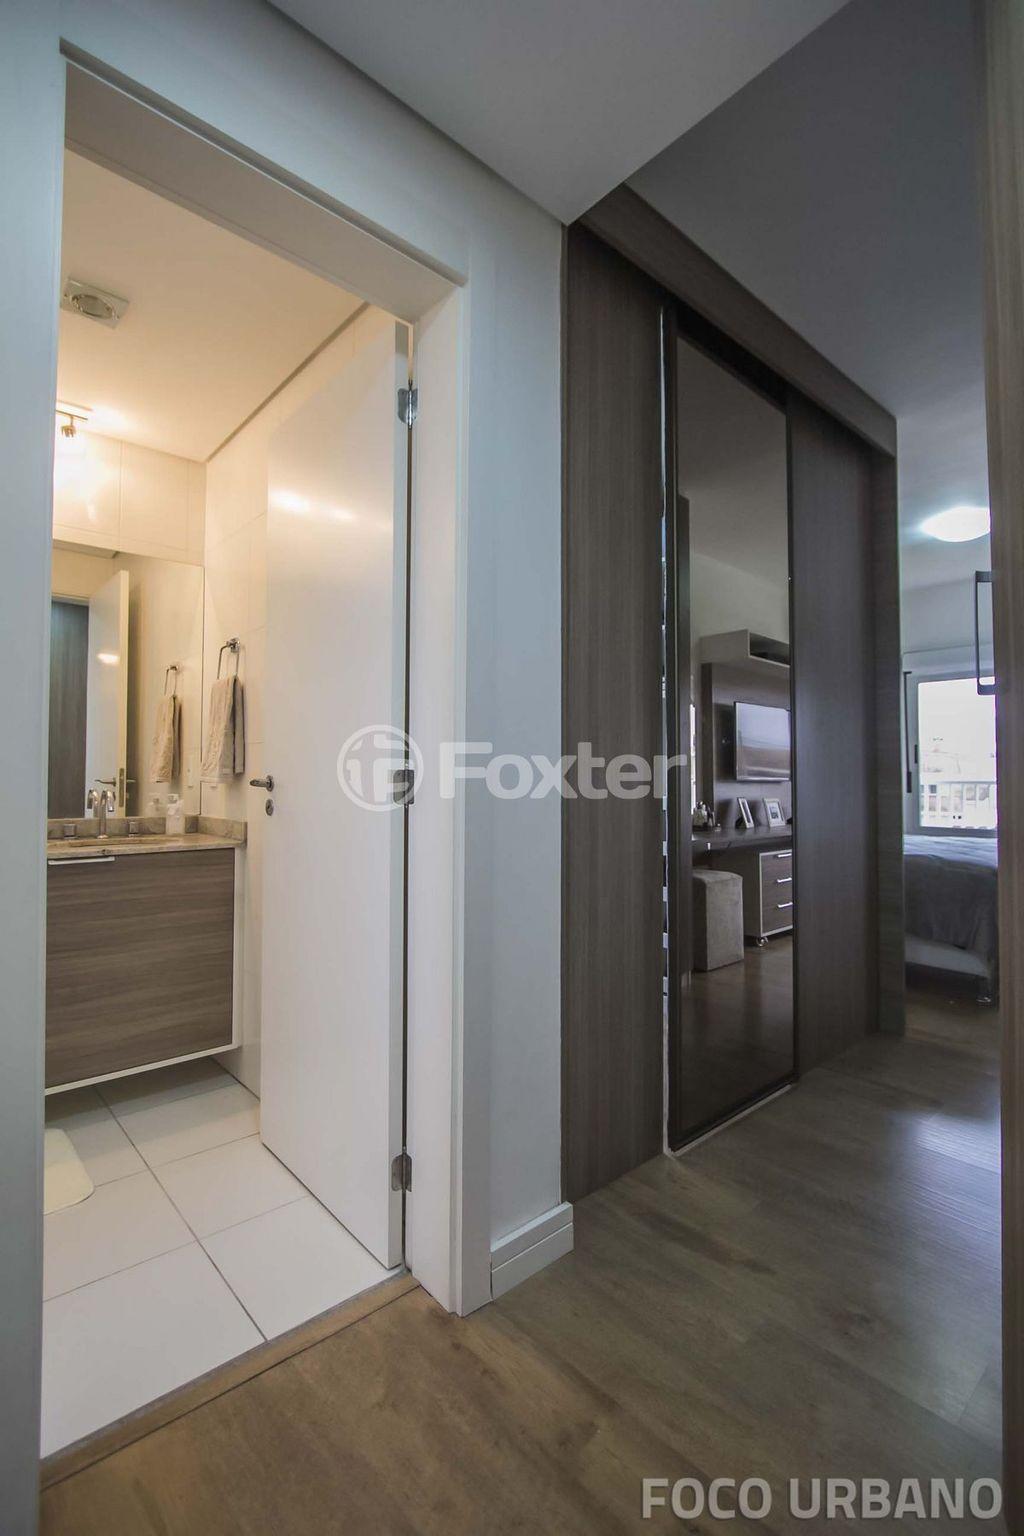 Foxter Imobiliária - Apto 3 Dorm, Jardim do Salso - Foto 28